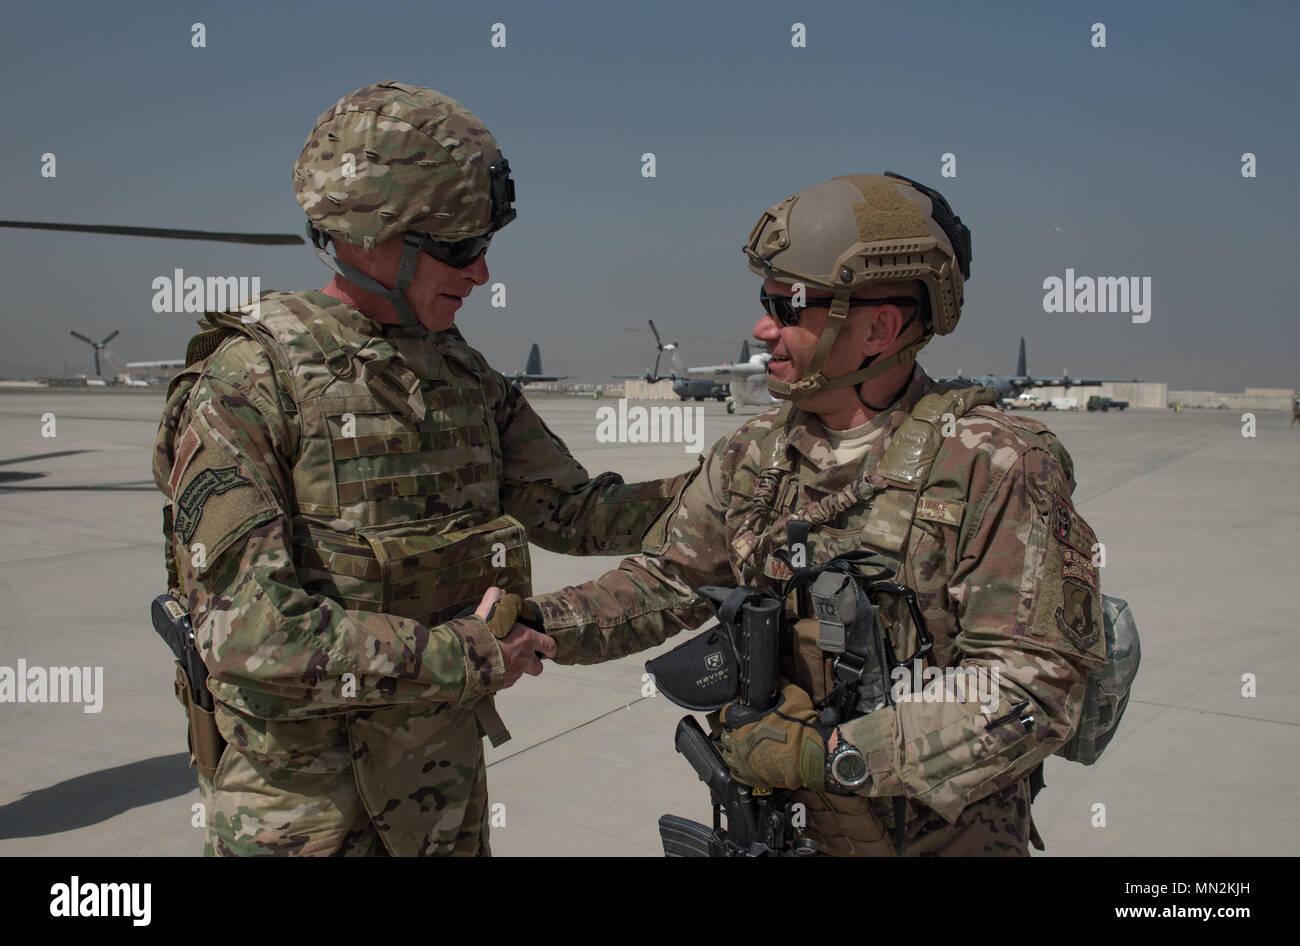 Le sergent-major de commandement de l'Armée américaine William F. Thetford, les cadres supérieurs du Commandement central américain, chef enrôlé gauche, accueille le chef de l'US Air Force Master Sgt. Shane R. Wagner à son arrivée à l'Aéroport International d'Hamid Karzaï, le 15 août 2017, à Kaboul, en Afghanistan. Thetford a visité la base d'opérations avancée côté Oqab d'examiner les progrès de l'Afghan Air Force et former, conseiller, aider. Command-Air Wagner est le chef de la commande pour le Master Sergeant TAAC-Air et la 438th Air Expeditionary Wing. (U.S. Photo de l'Armée de l'air par le sergent. Alexander W. Riedel) Banque D'Images